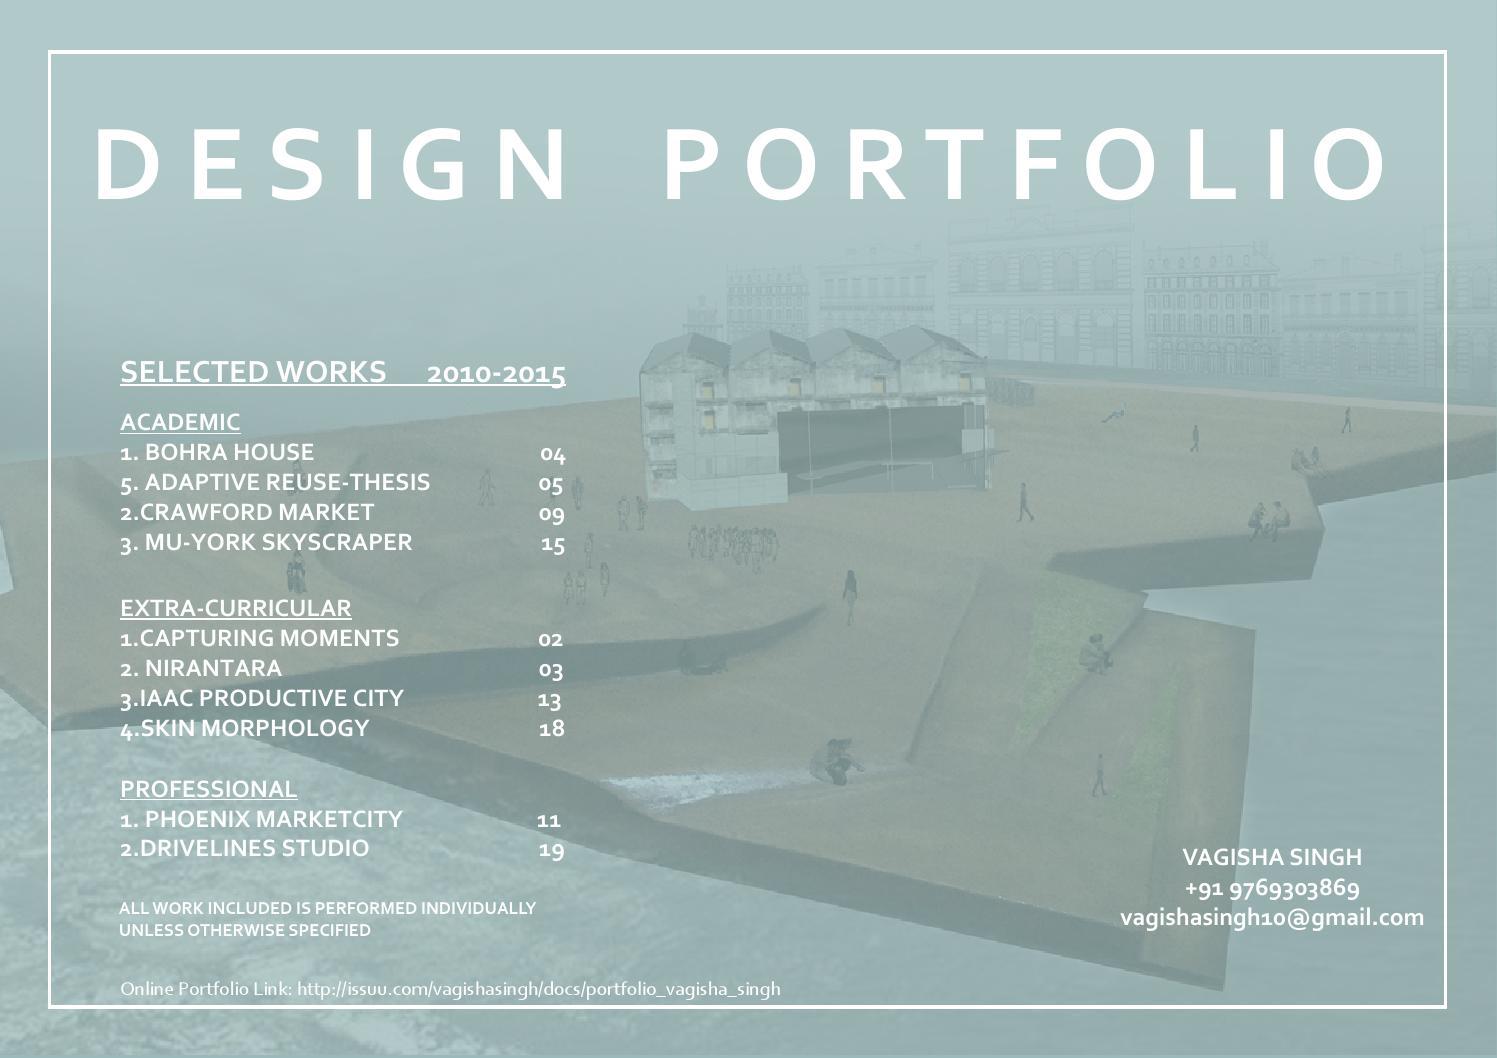 V S portfolio by Vagisha Singh - issuu